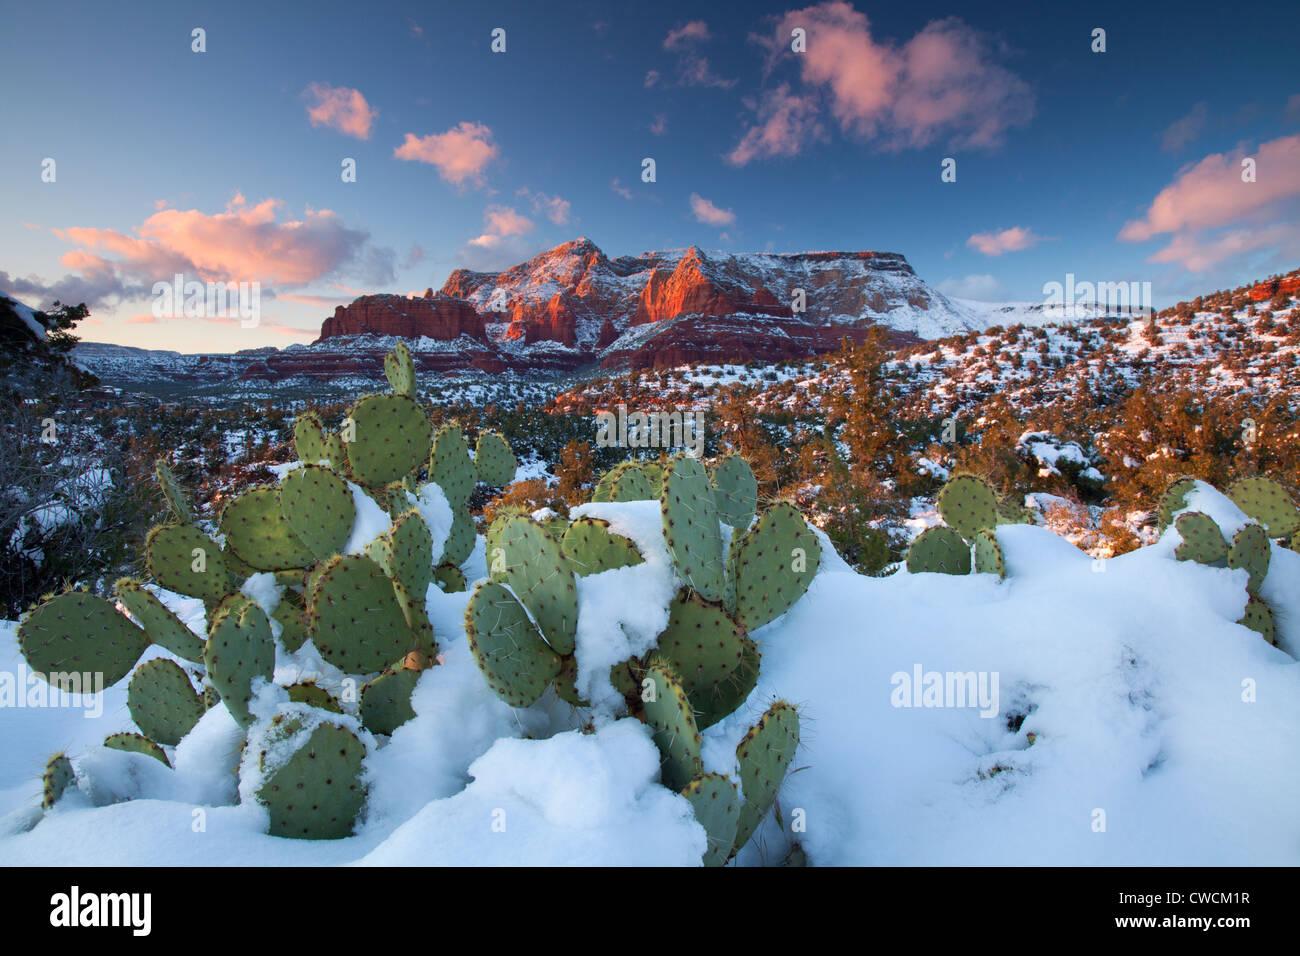 In inverno la neve sulla collina Schnebly, Coconino National Forest, Sedona, in Arizona. Immagini Stock